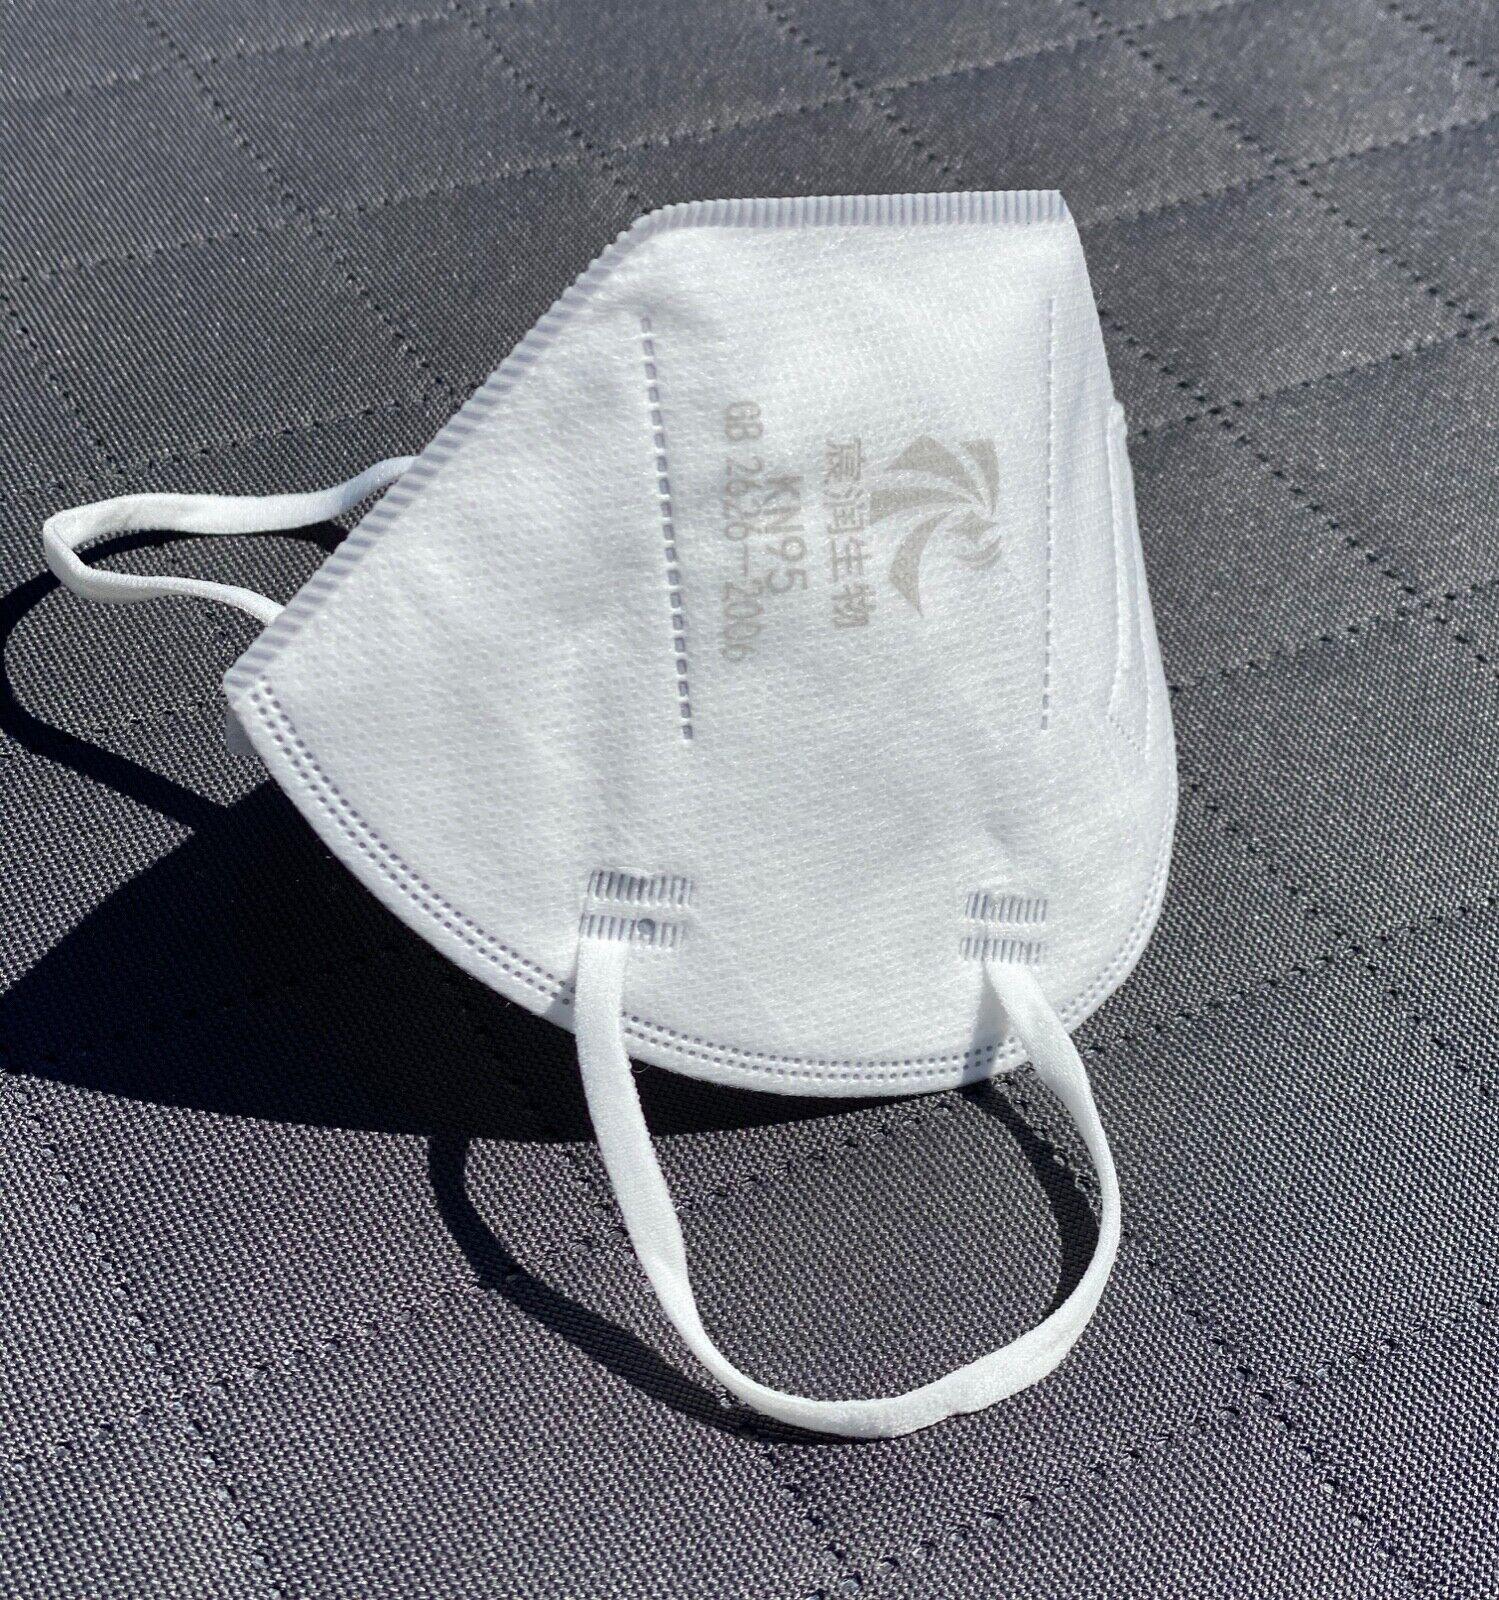 KN95 / FFP2 Mundschutz, Atemschutzmaske, verschiedene Größen auch Kinder